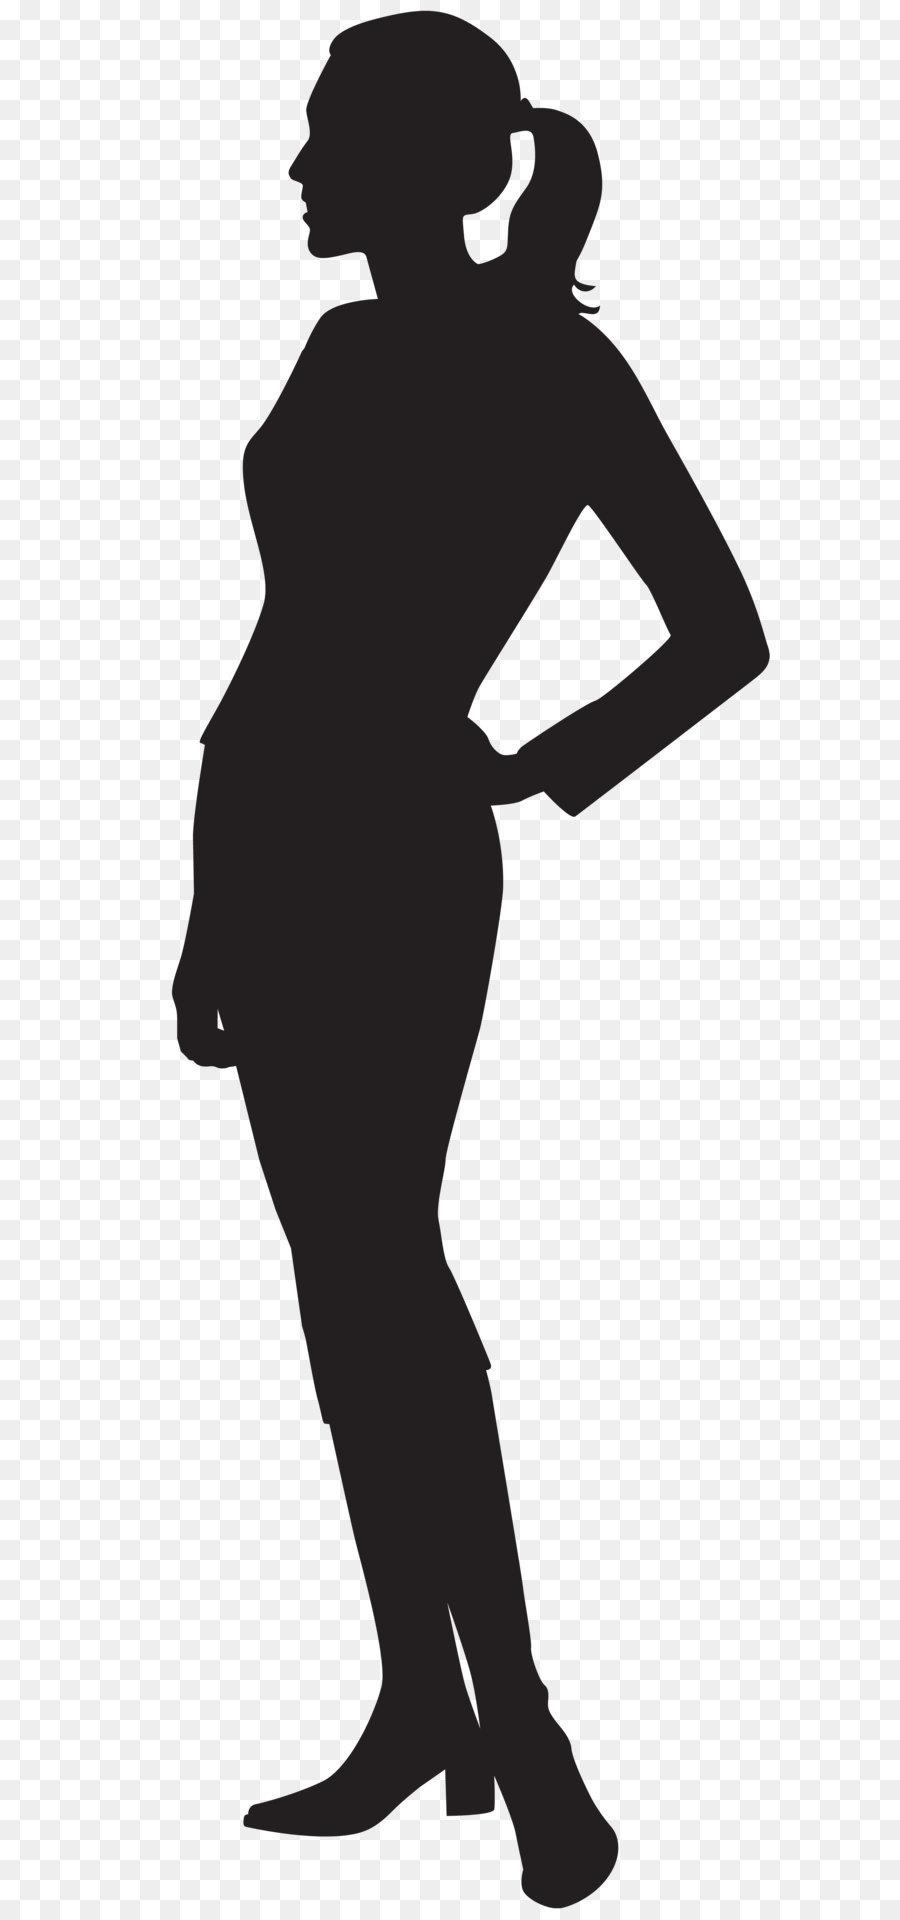 silhouette clip art female silhouette clip art png image png rh kisspng com female graduate silhouette clip art female graduate silhouette clip art